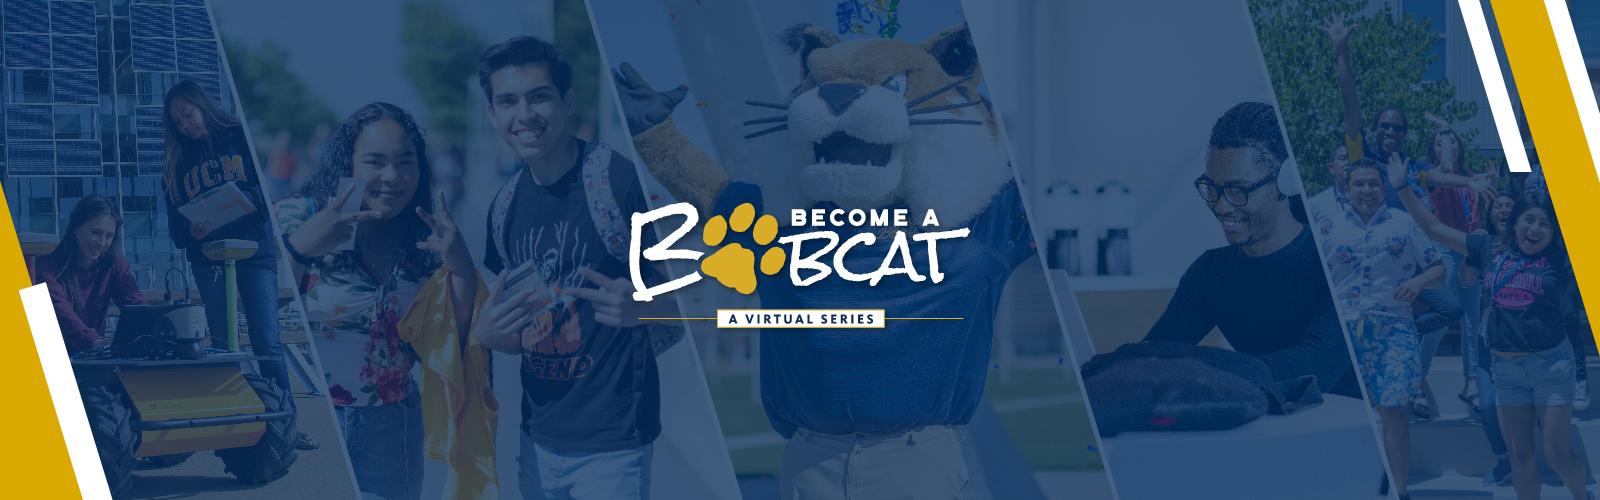 UC Merced Admissions - Become a Bobcat!